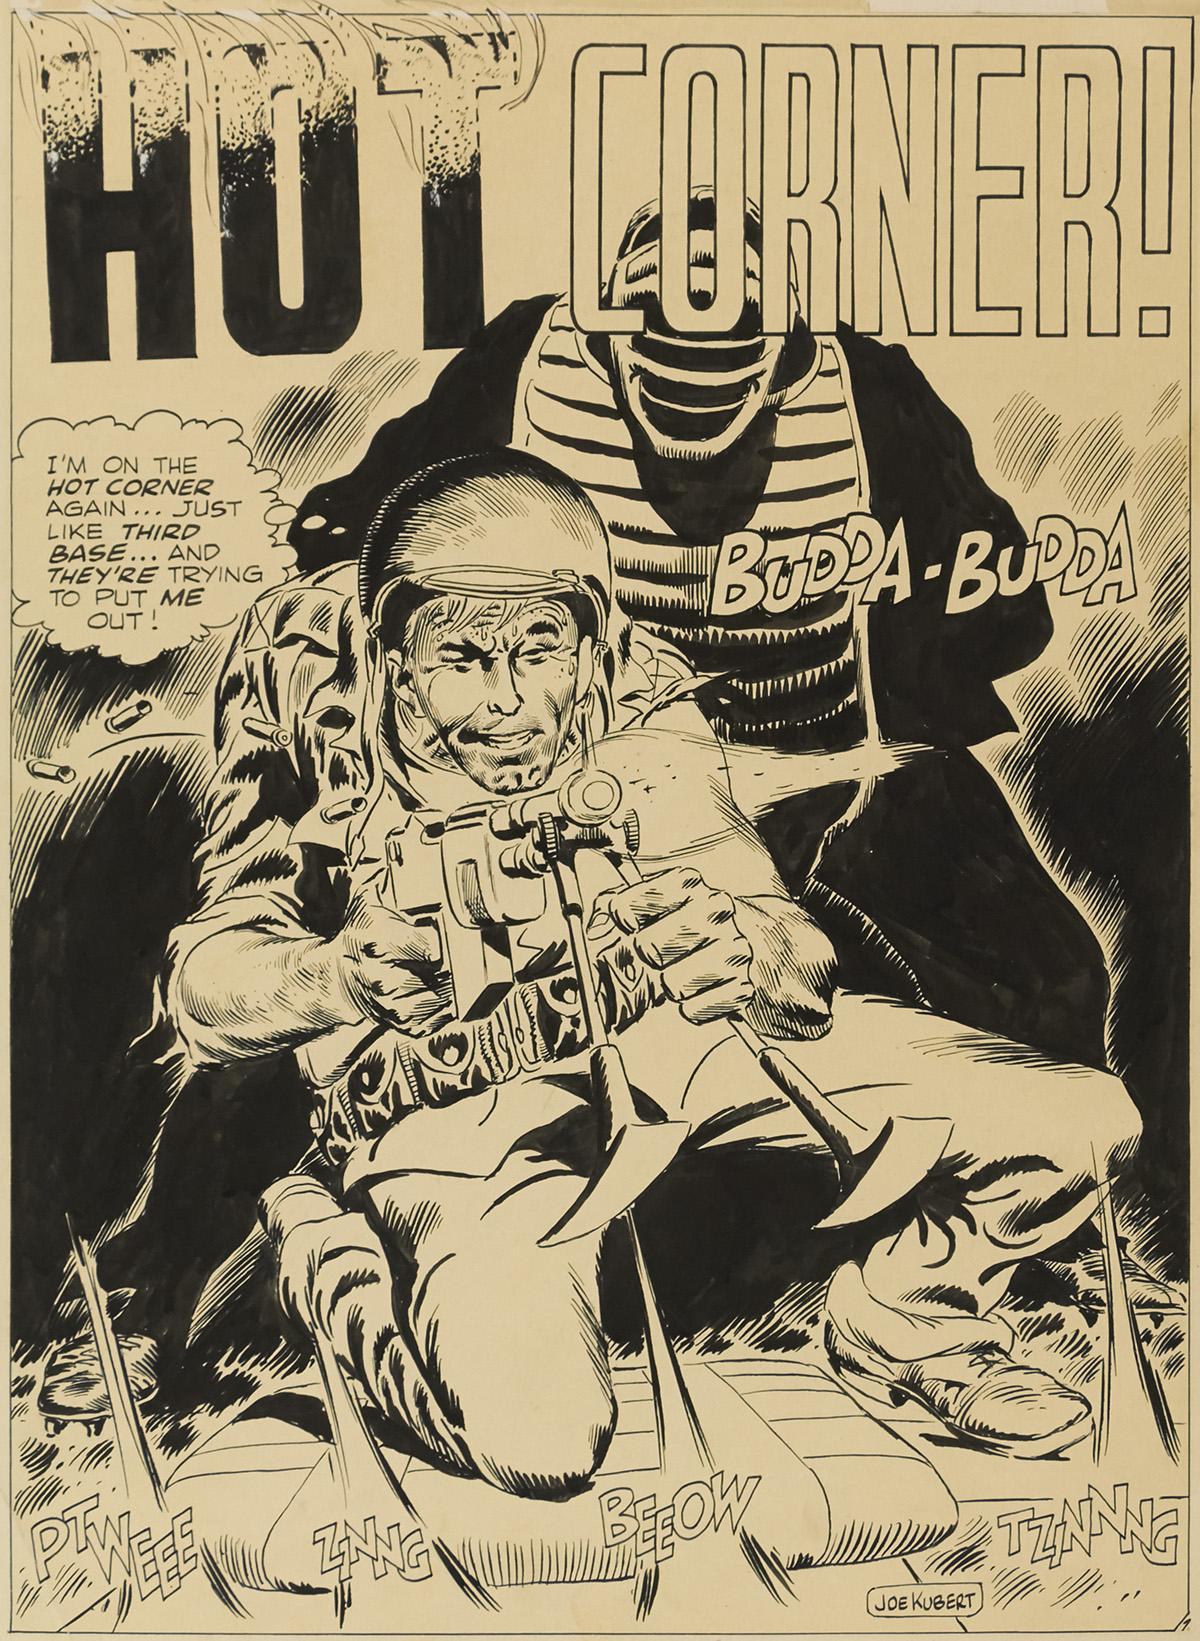 JOE KUBERT. Hot Corner! [COMICS / CARTOONS / G.I. COMBAT / WAR / DC COMICS]